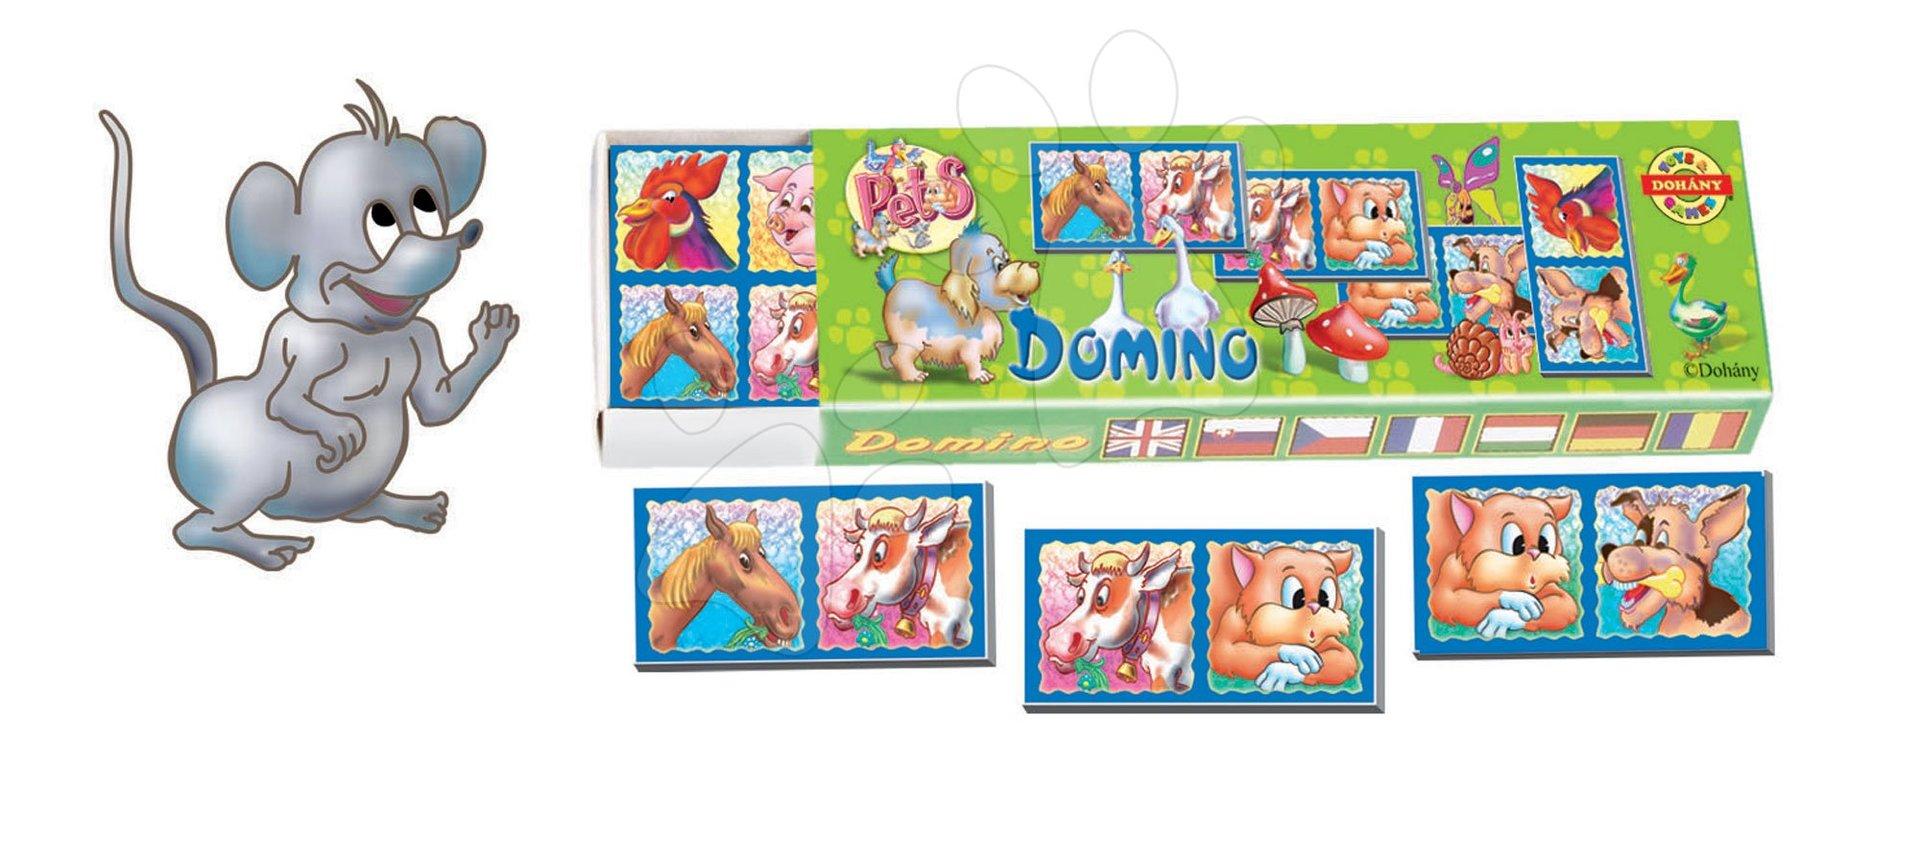 Domino a Lotto - Domino pro nejmenší Dohány různé druhy